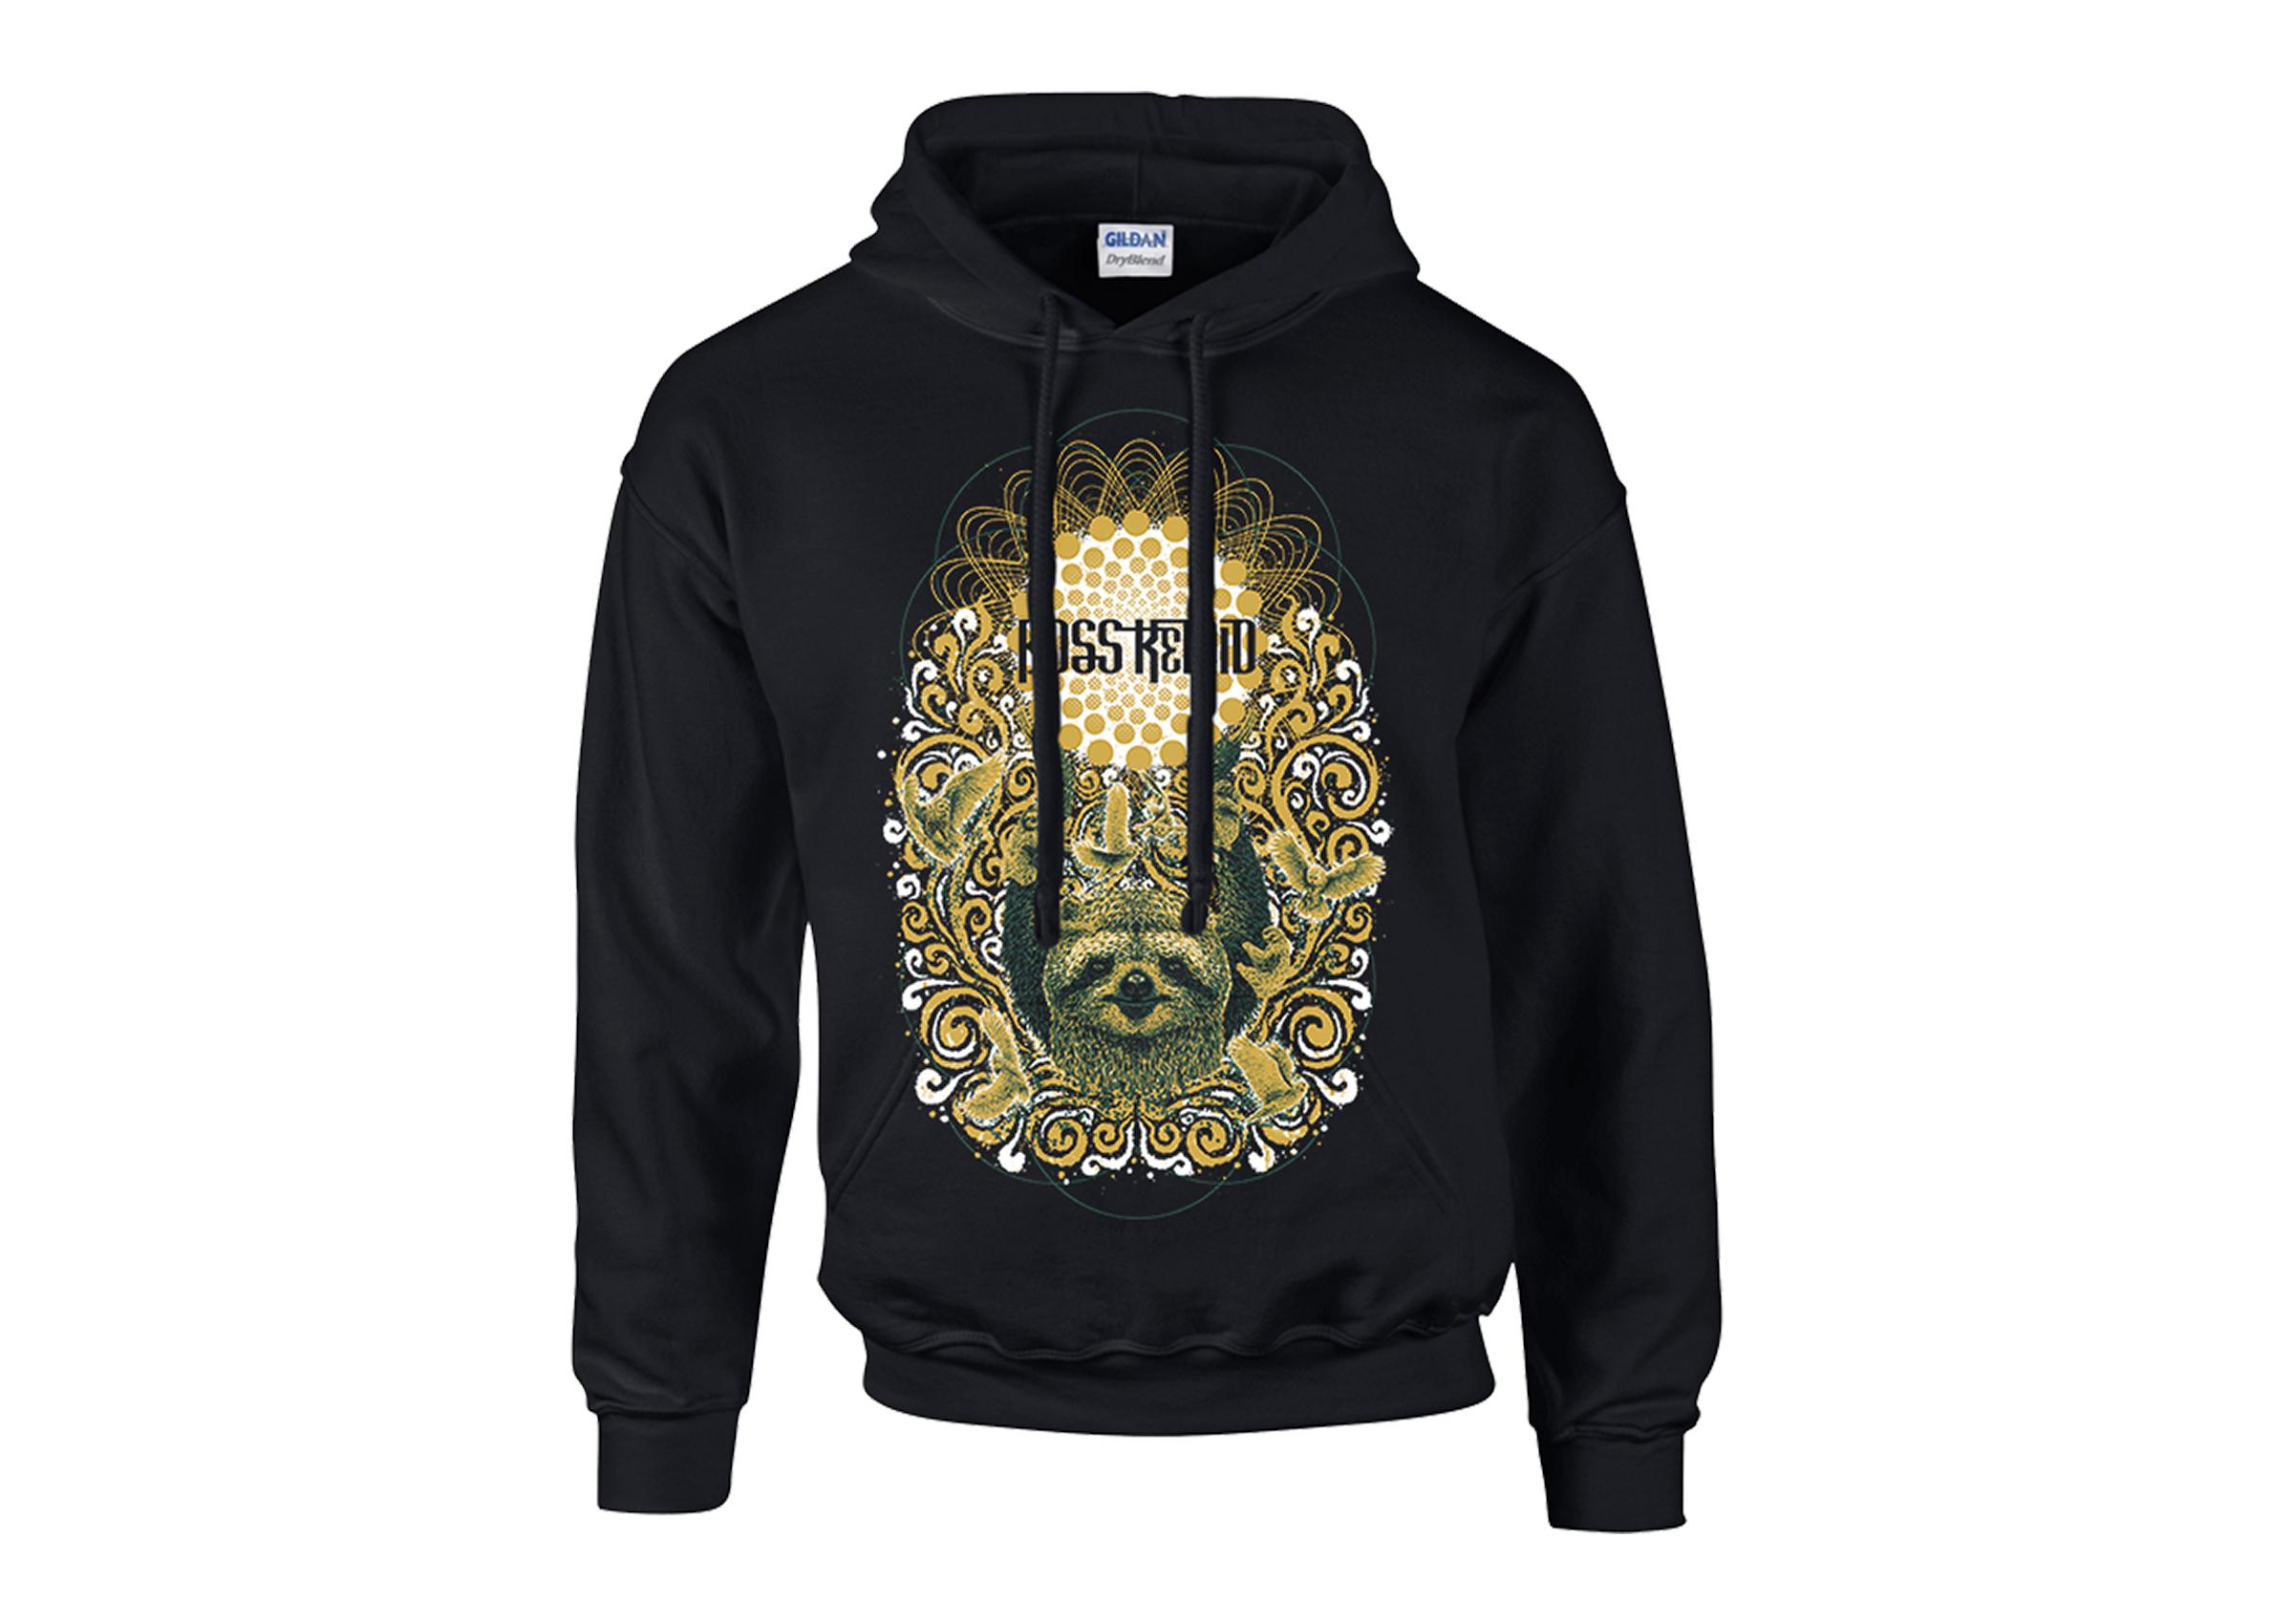 Boss Keloid - Herb Your Enthusiasm hoodie PREORDER